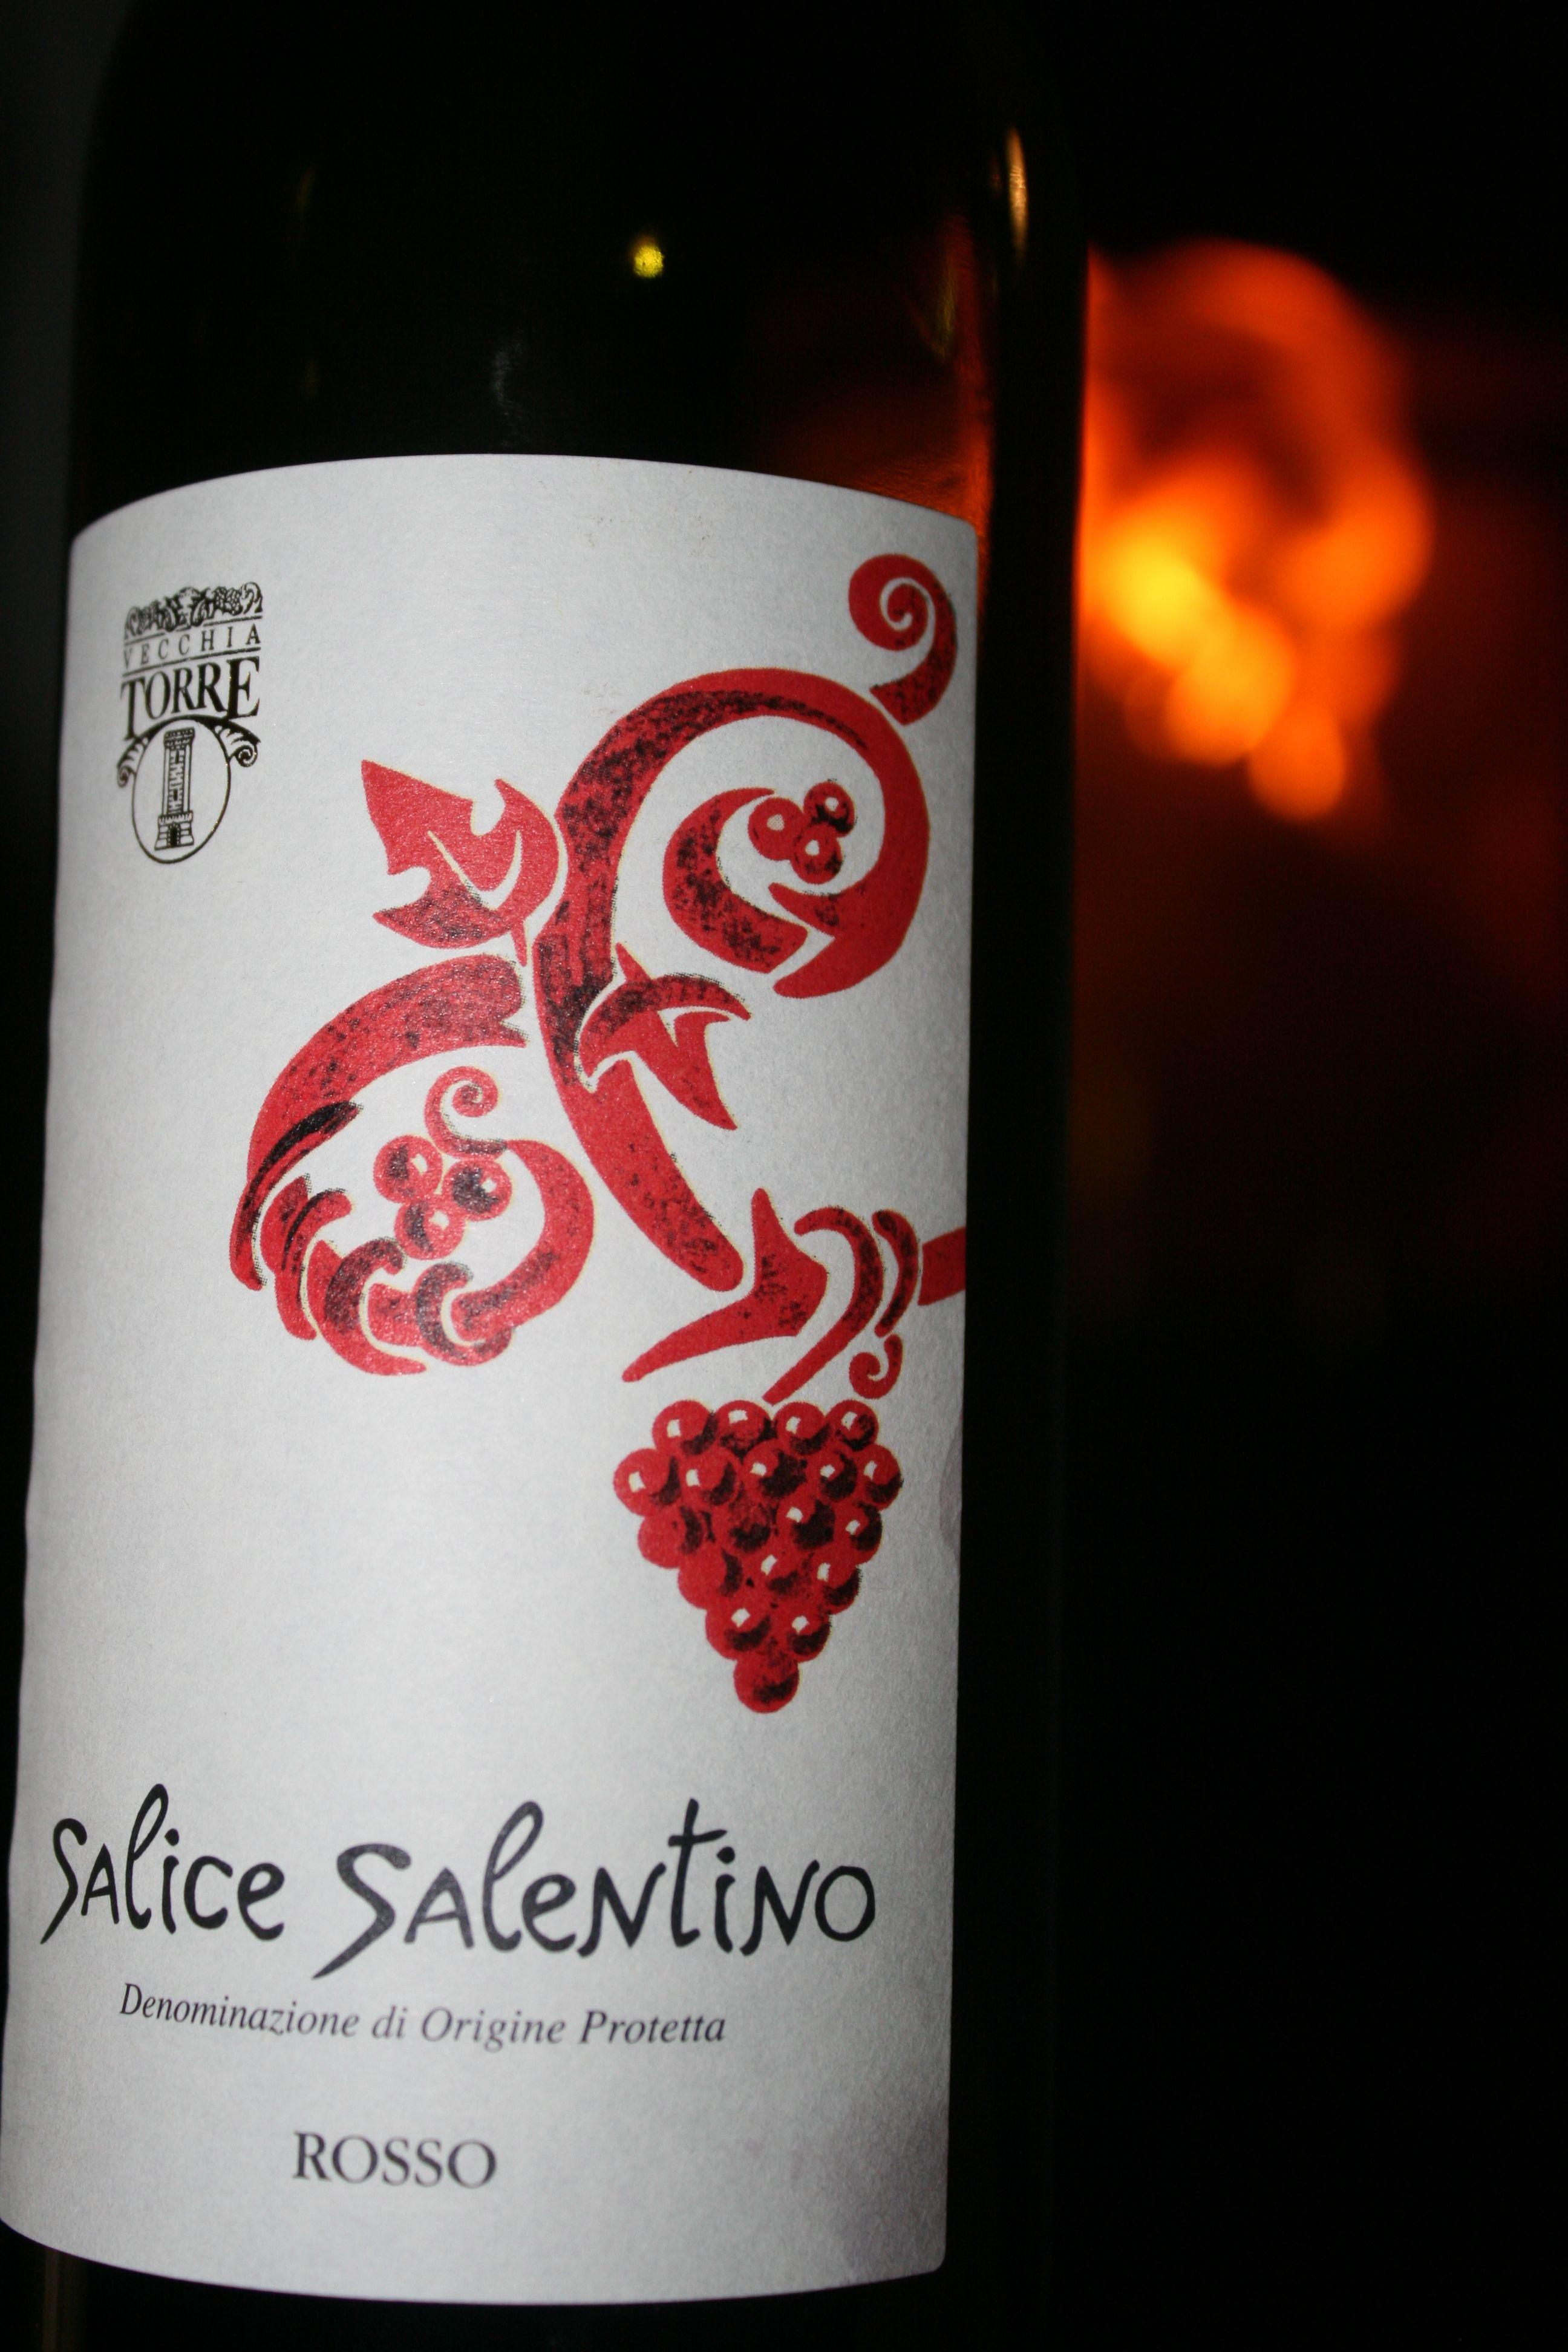 Salice Salentino 2009 von Jacques. Fruchtiger Roter aus Apulien, Kirschnoten, Tabak und Schwarzer Pfeffer.